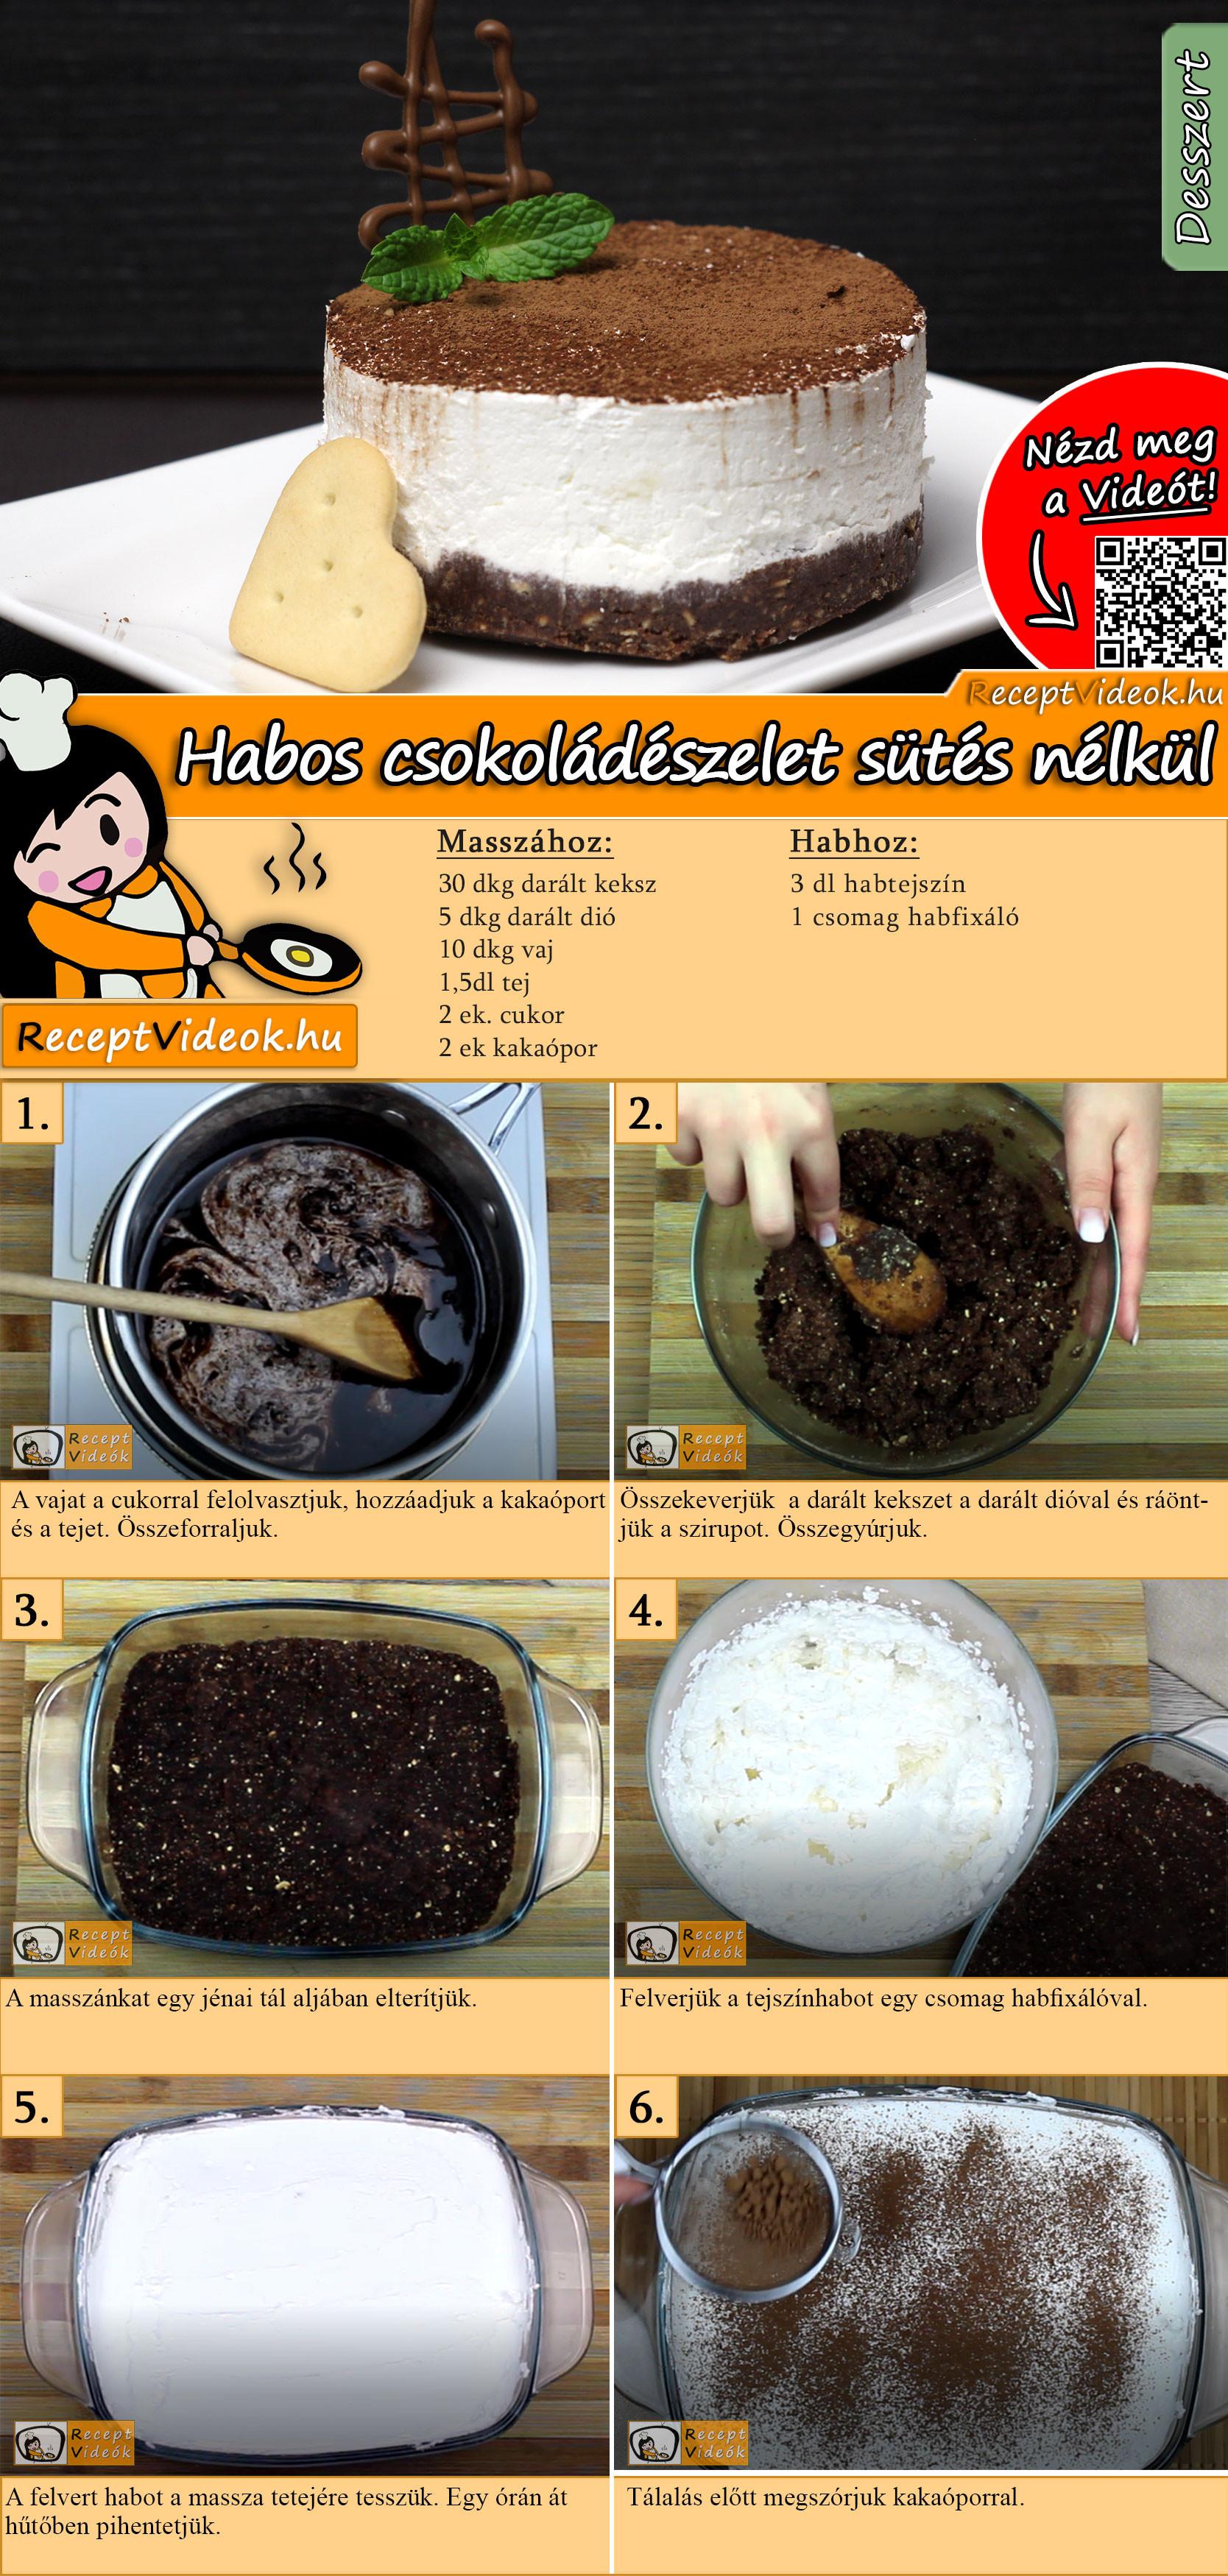 Habos csokoládészelet sütés nélkül recept elkészítése videóval